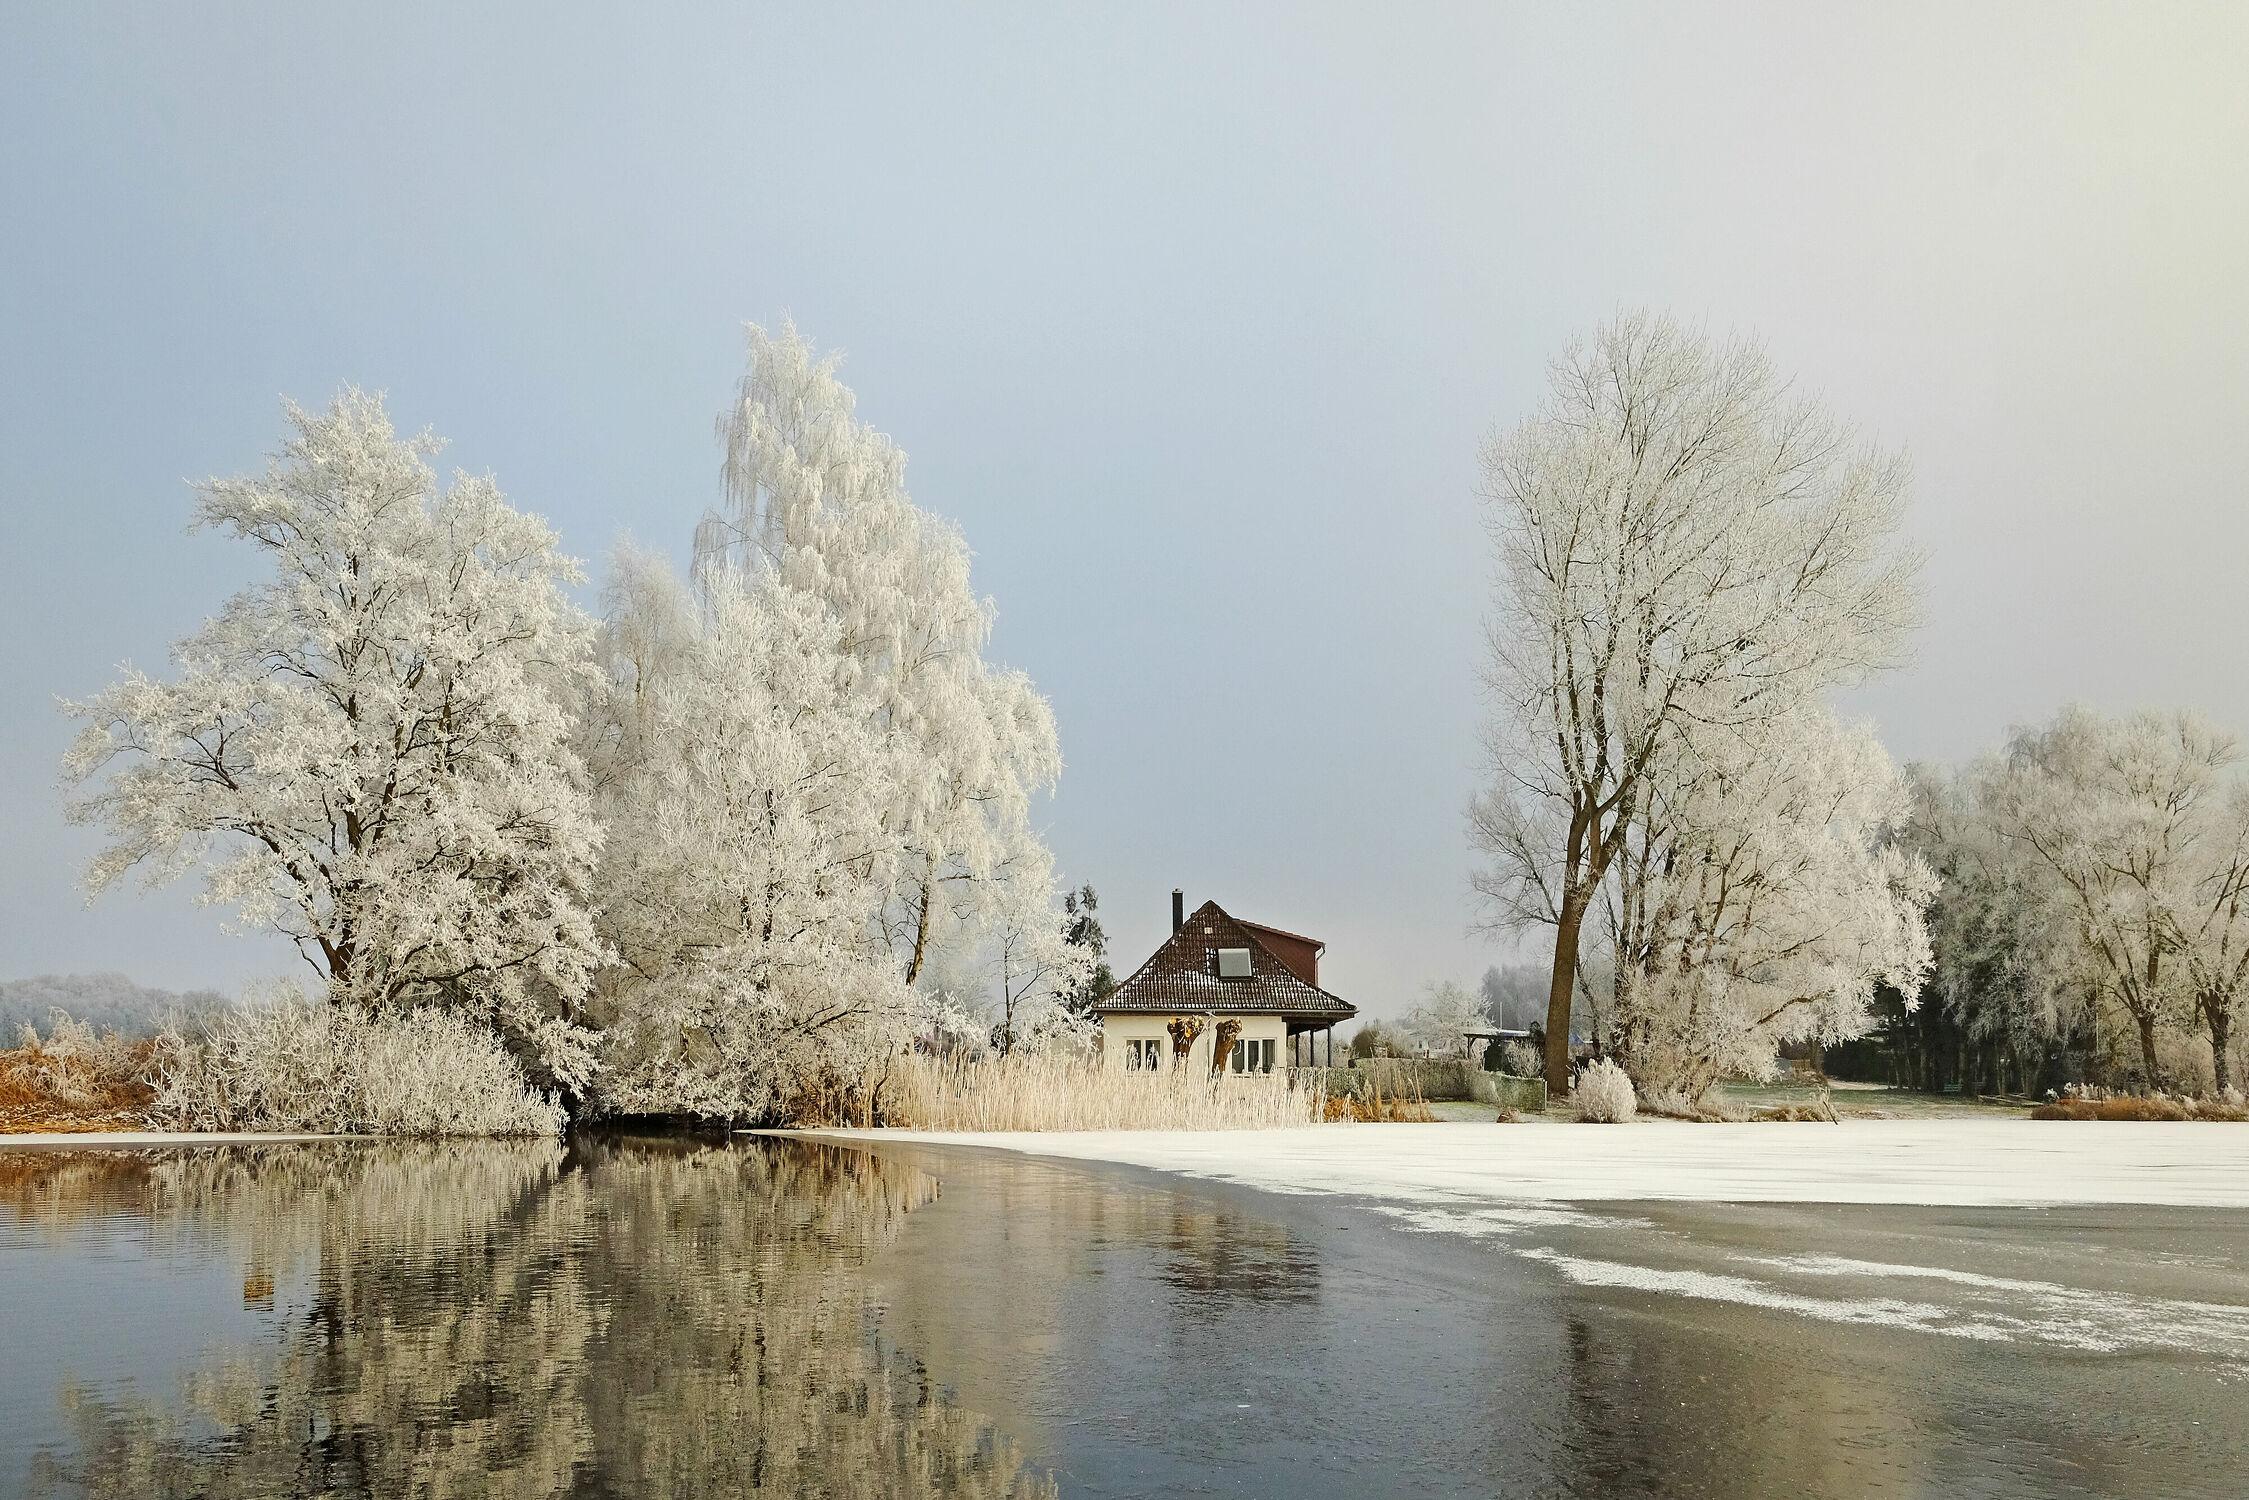 Bild mit Wasser, Bäume, Winter, Schnee, Eis, Gewässer, Seen, Urlaub, Reisen, Spiegelungen, Ausspannen, Raureif, Schleswig, Holstein